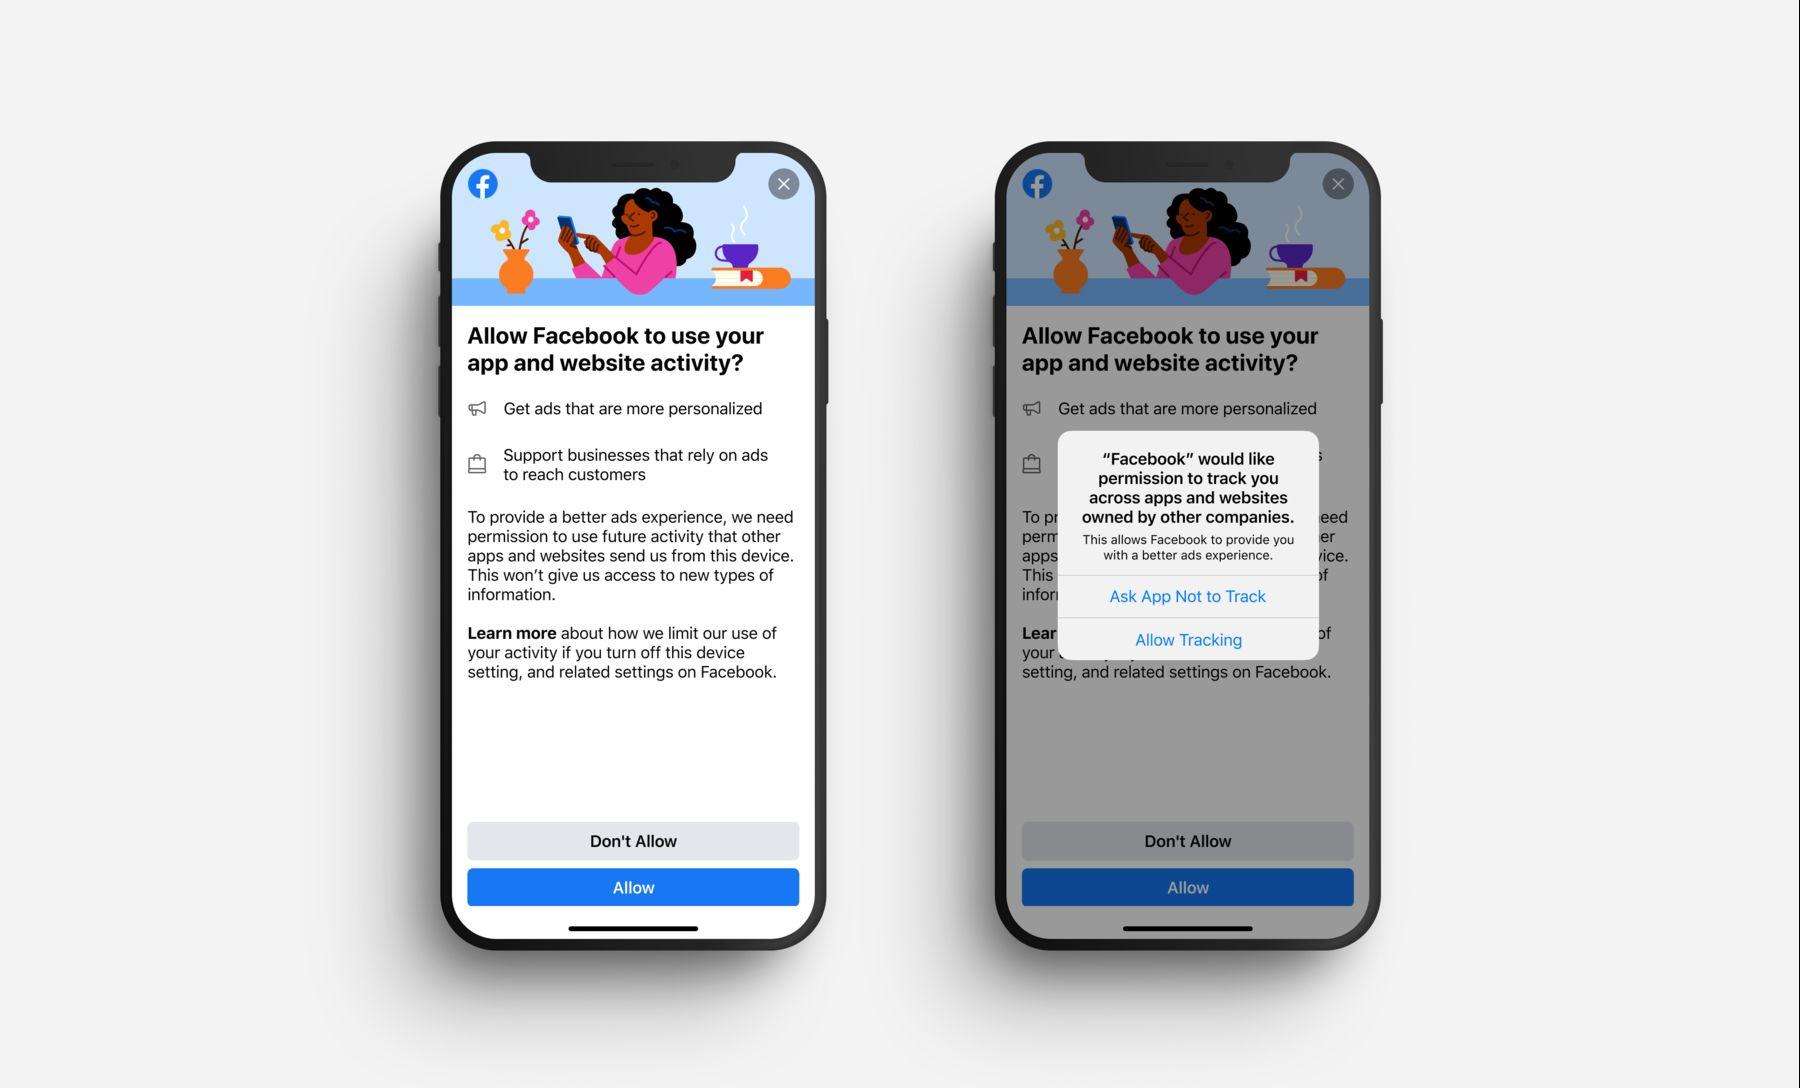 Facebook тестирует уведомления, чтобы убедить пользователей iPhone разрешить отслеживание